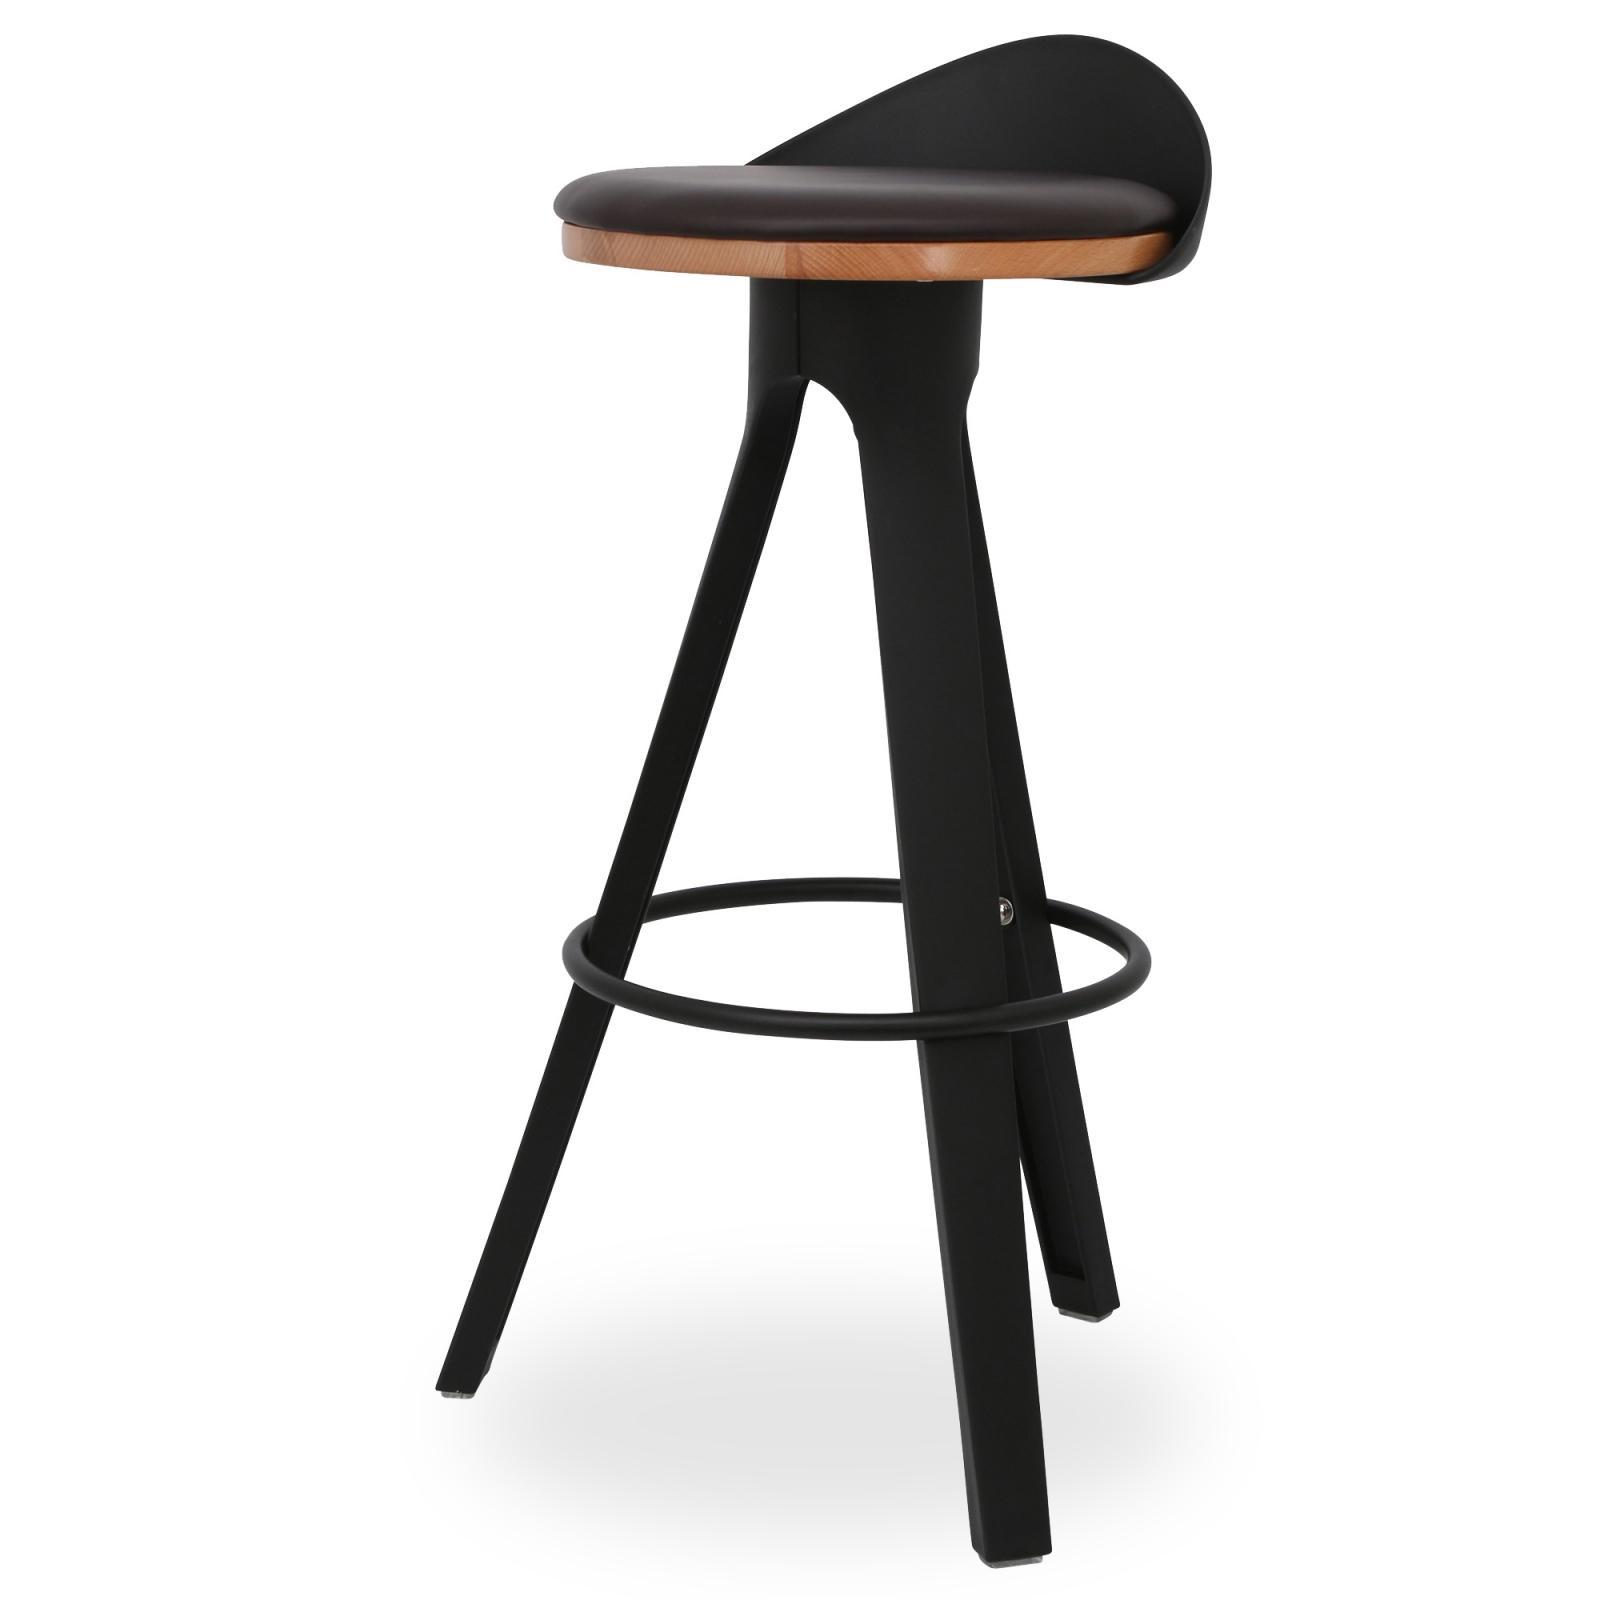 Ghế bar Trio mặt gỗ có nệm chân nhựa PP 1/3